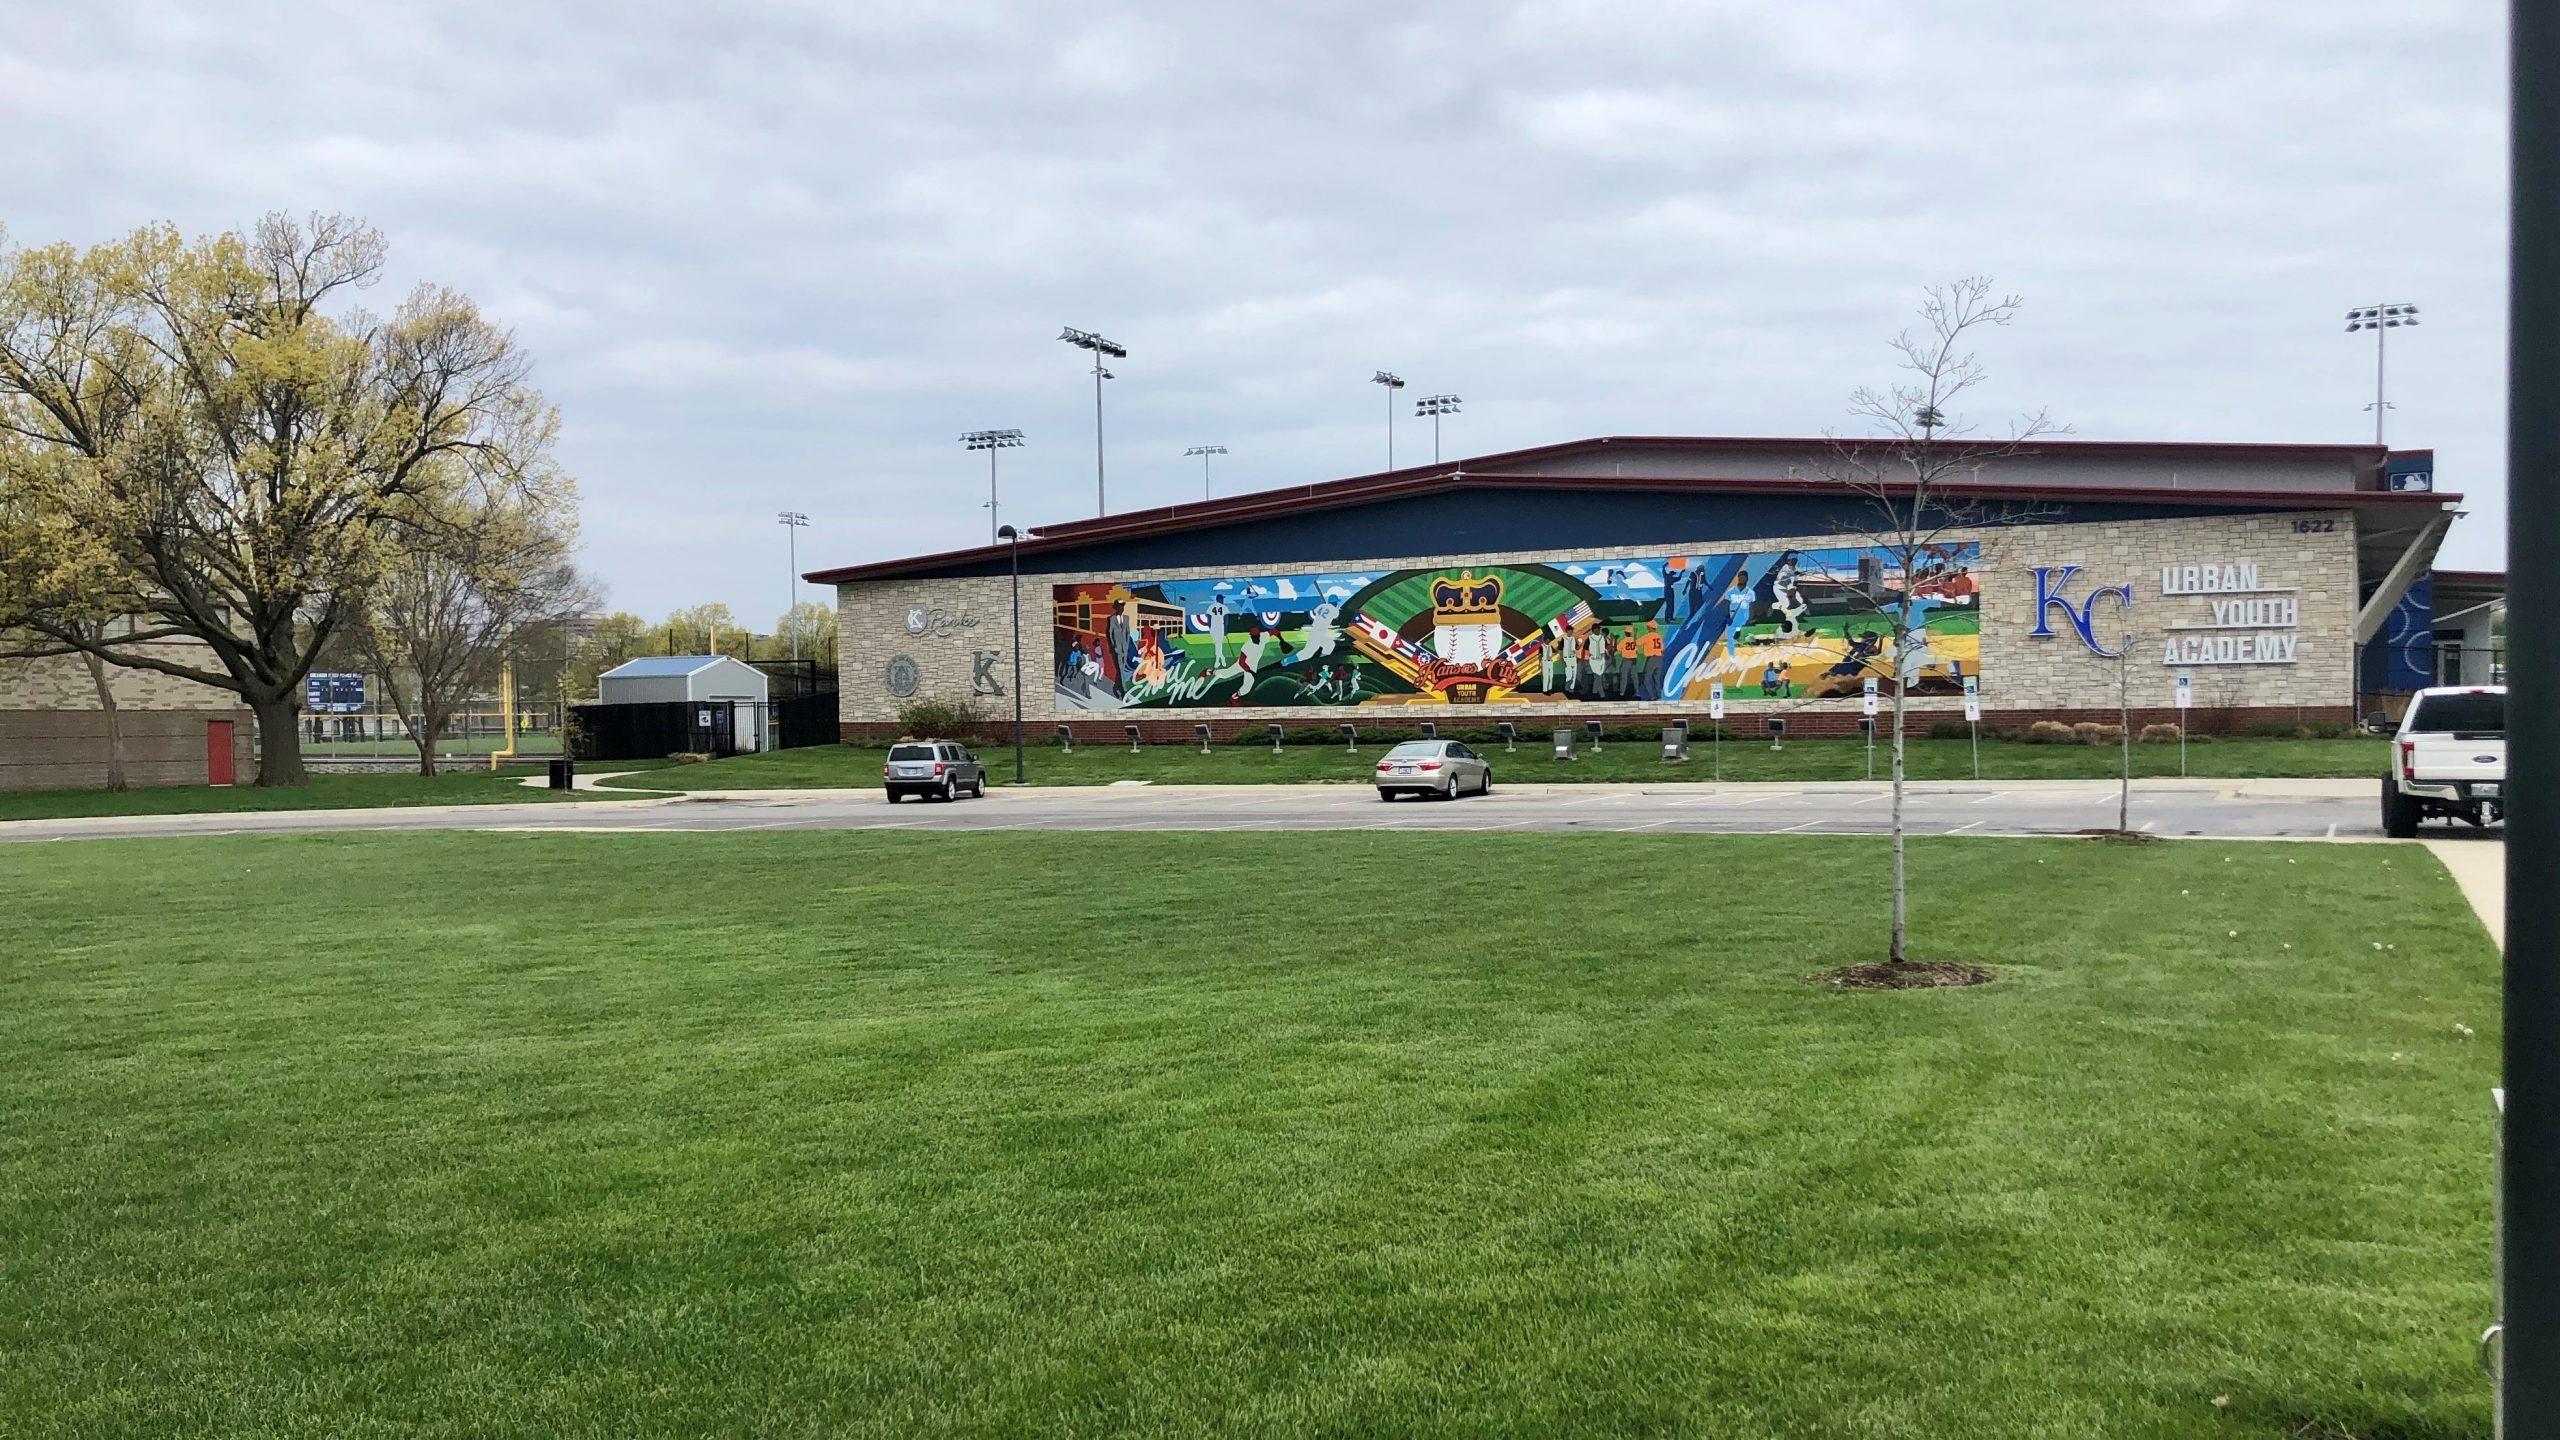 KC Urban Youth Academy Lawn